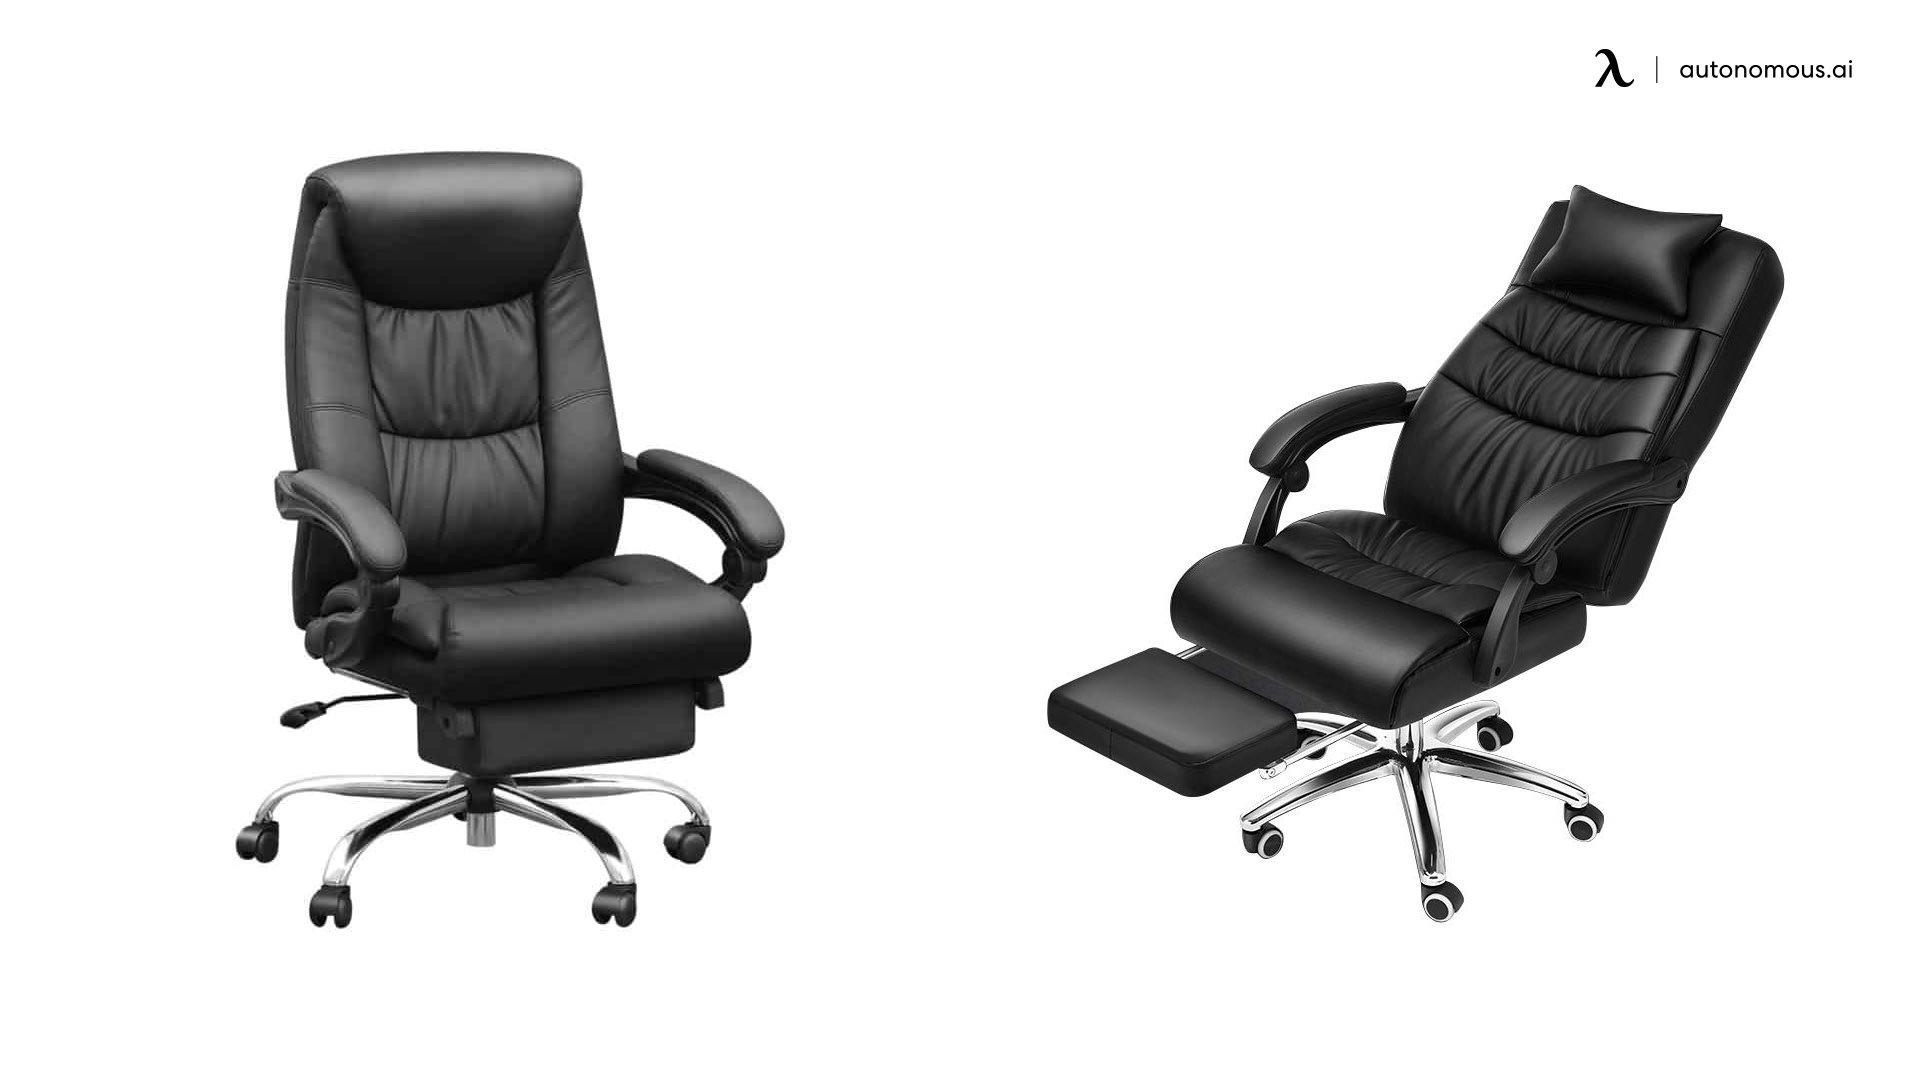 Duramont Ergonomic Chair